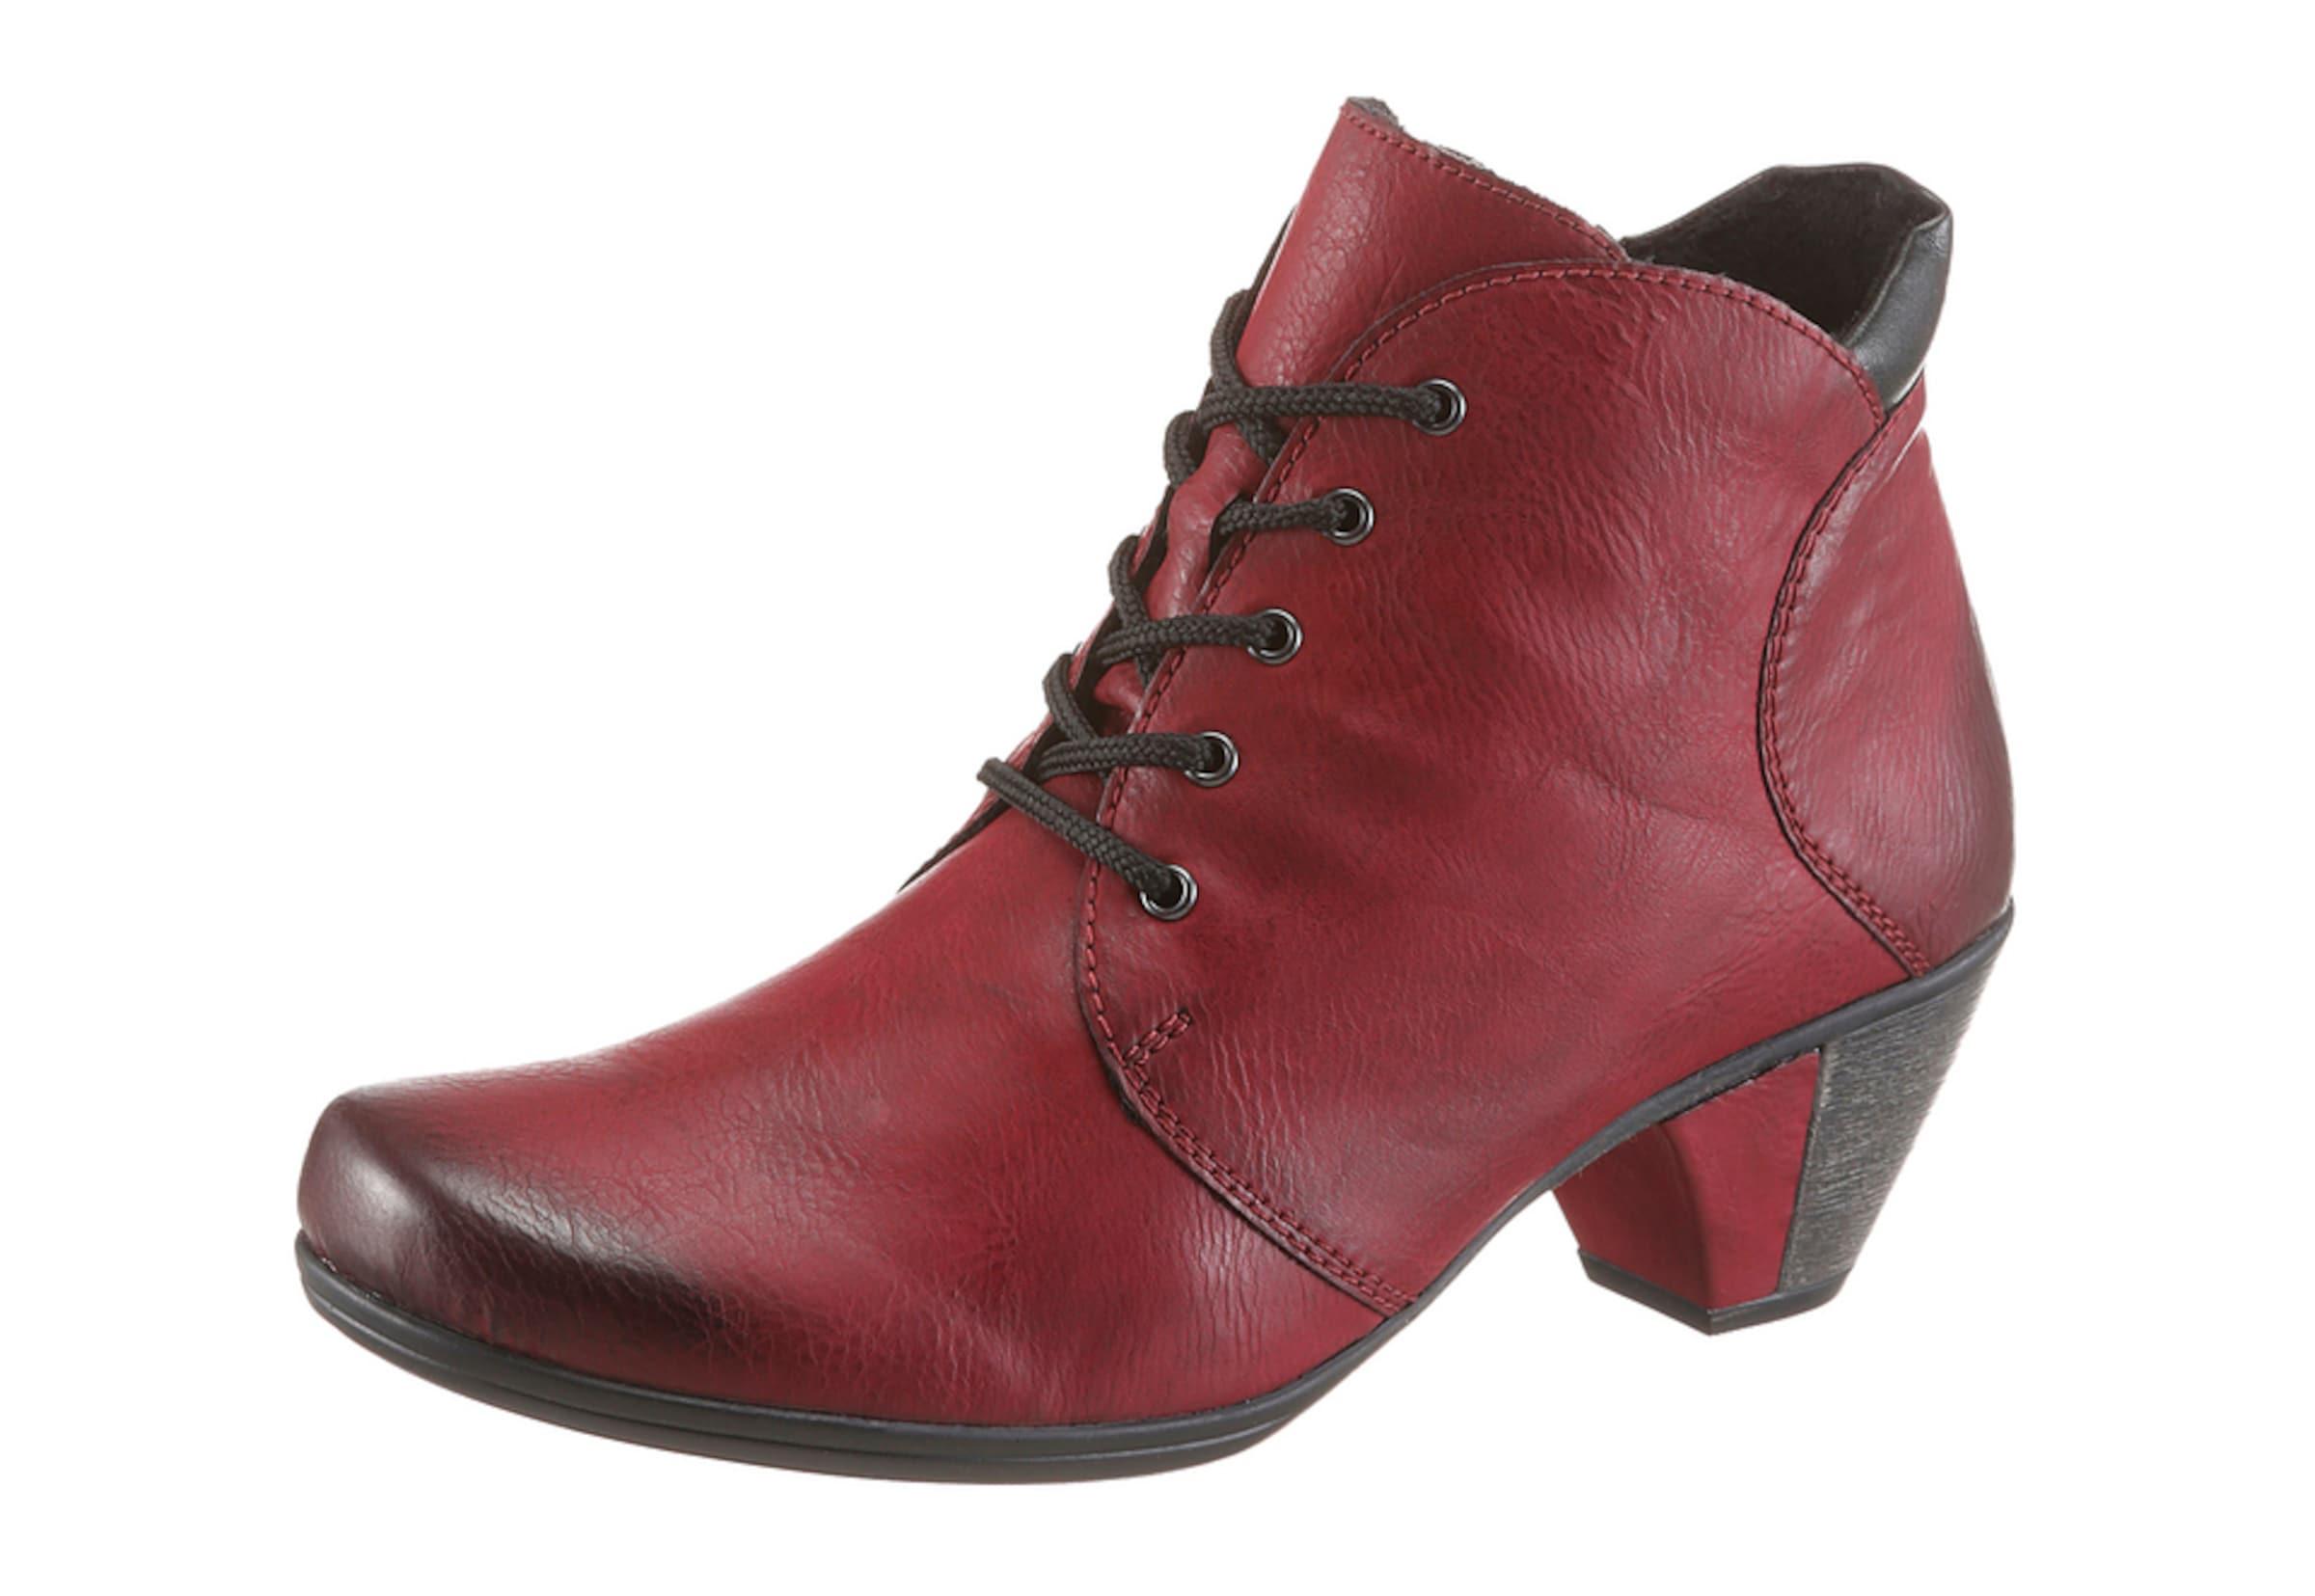 RIEKER Ankle-Boots Mit Kreditkarte Online Steckdose Neu XrX4pCoCL6